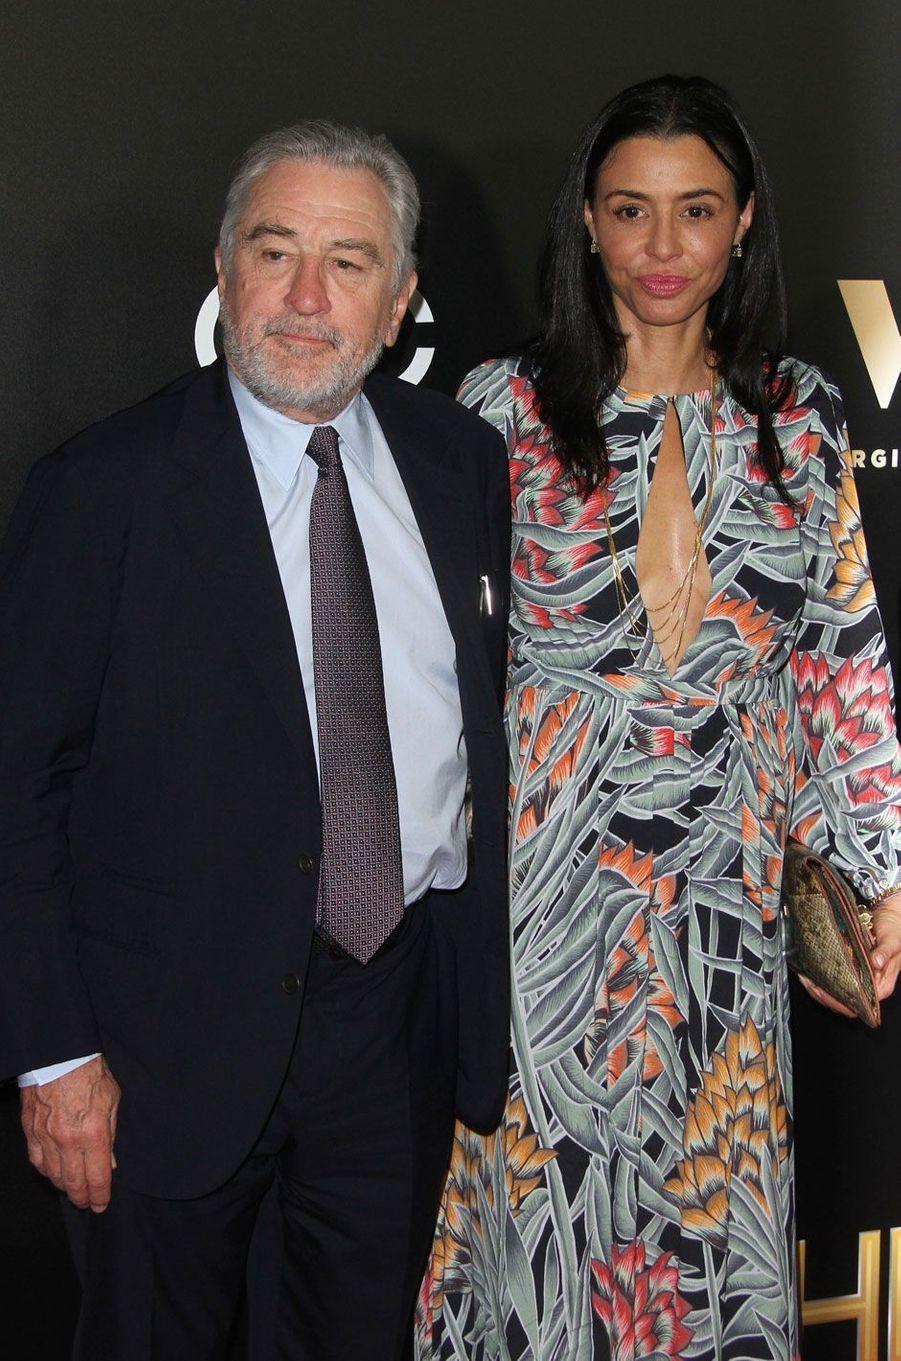 Robert De Niro et sa femme Drena